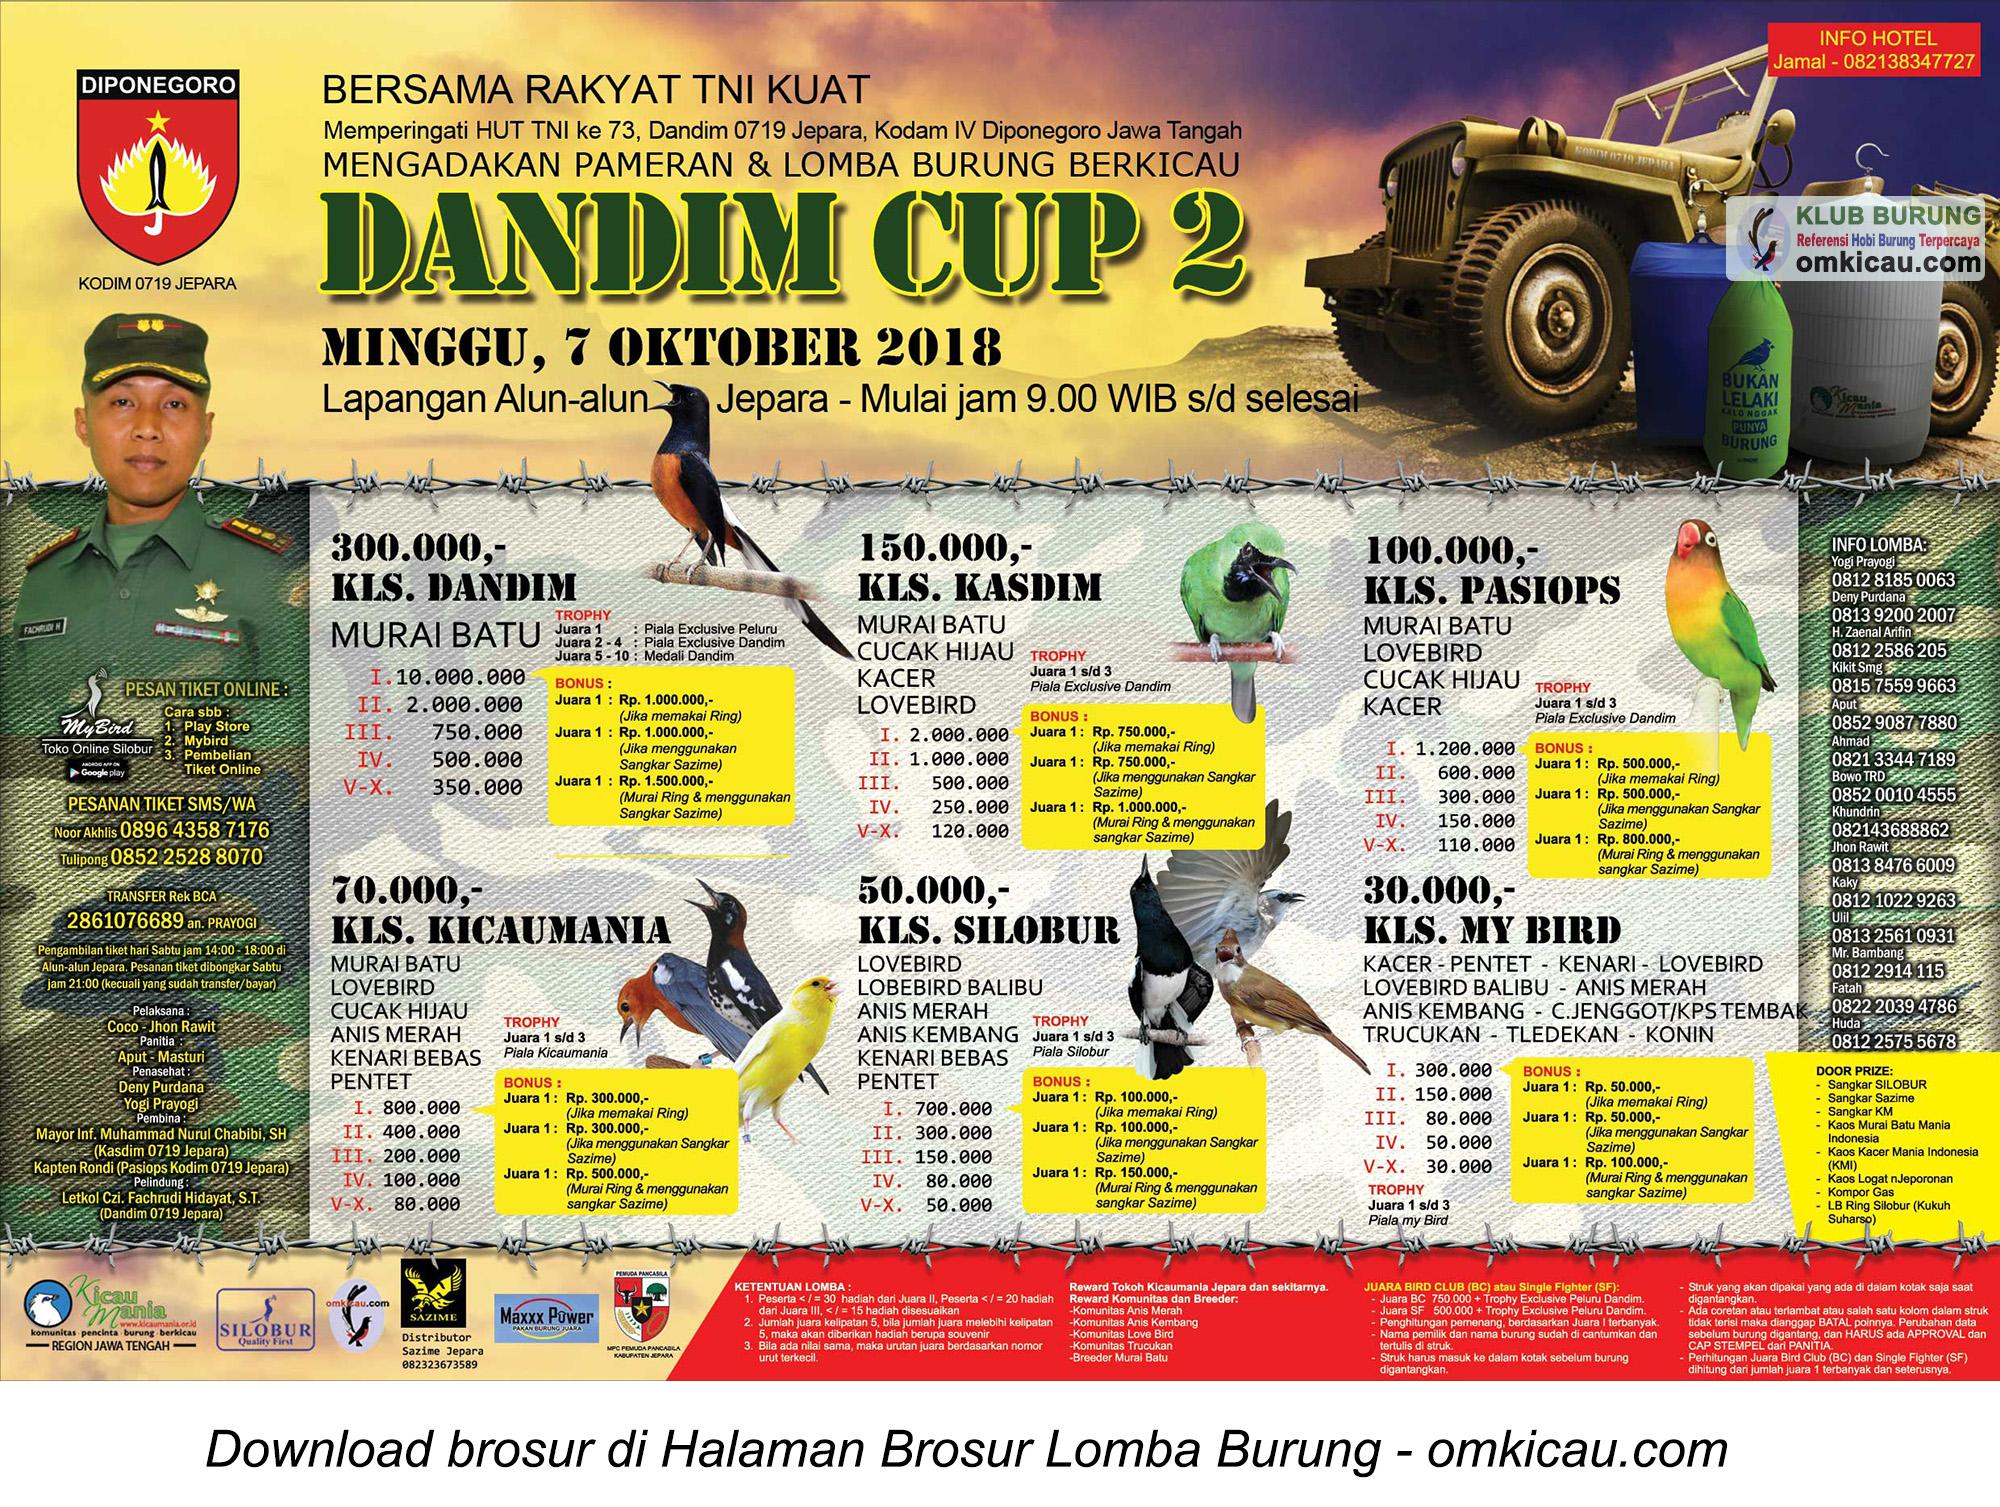 Dandim Cup 2 Jepara